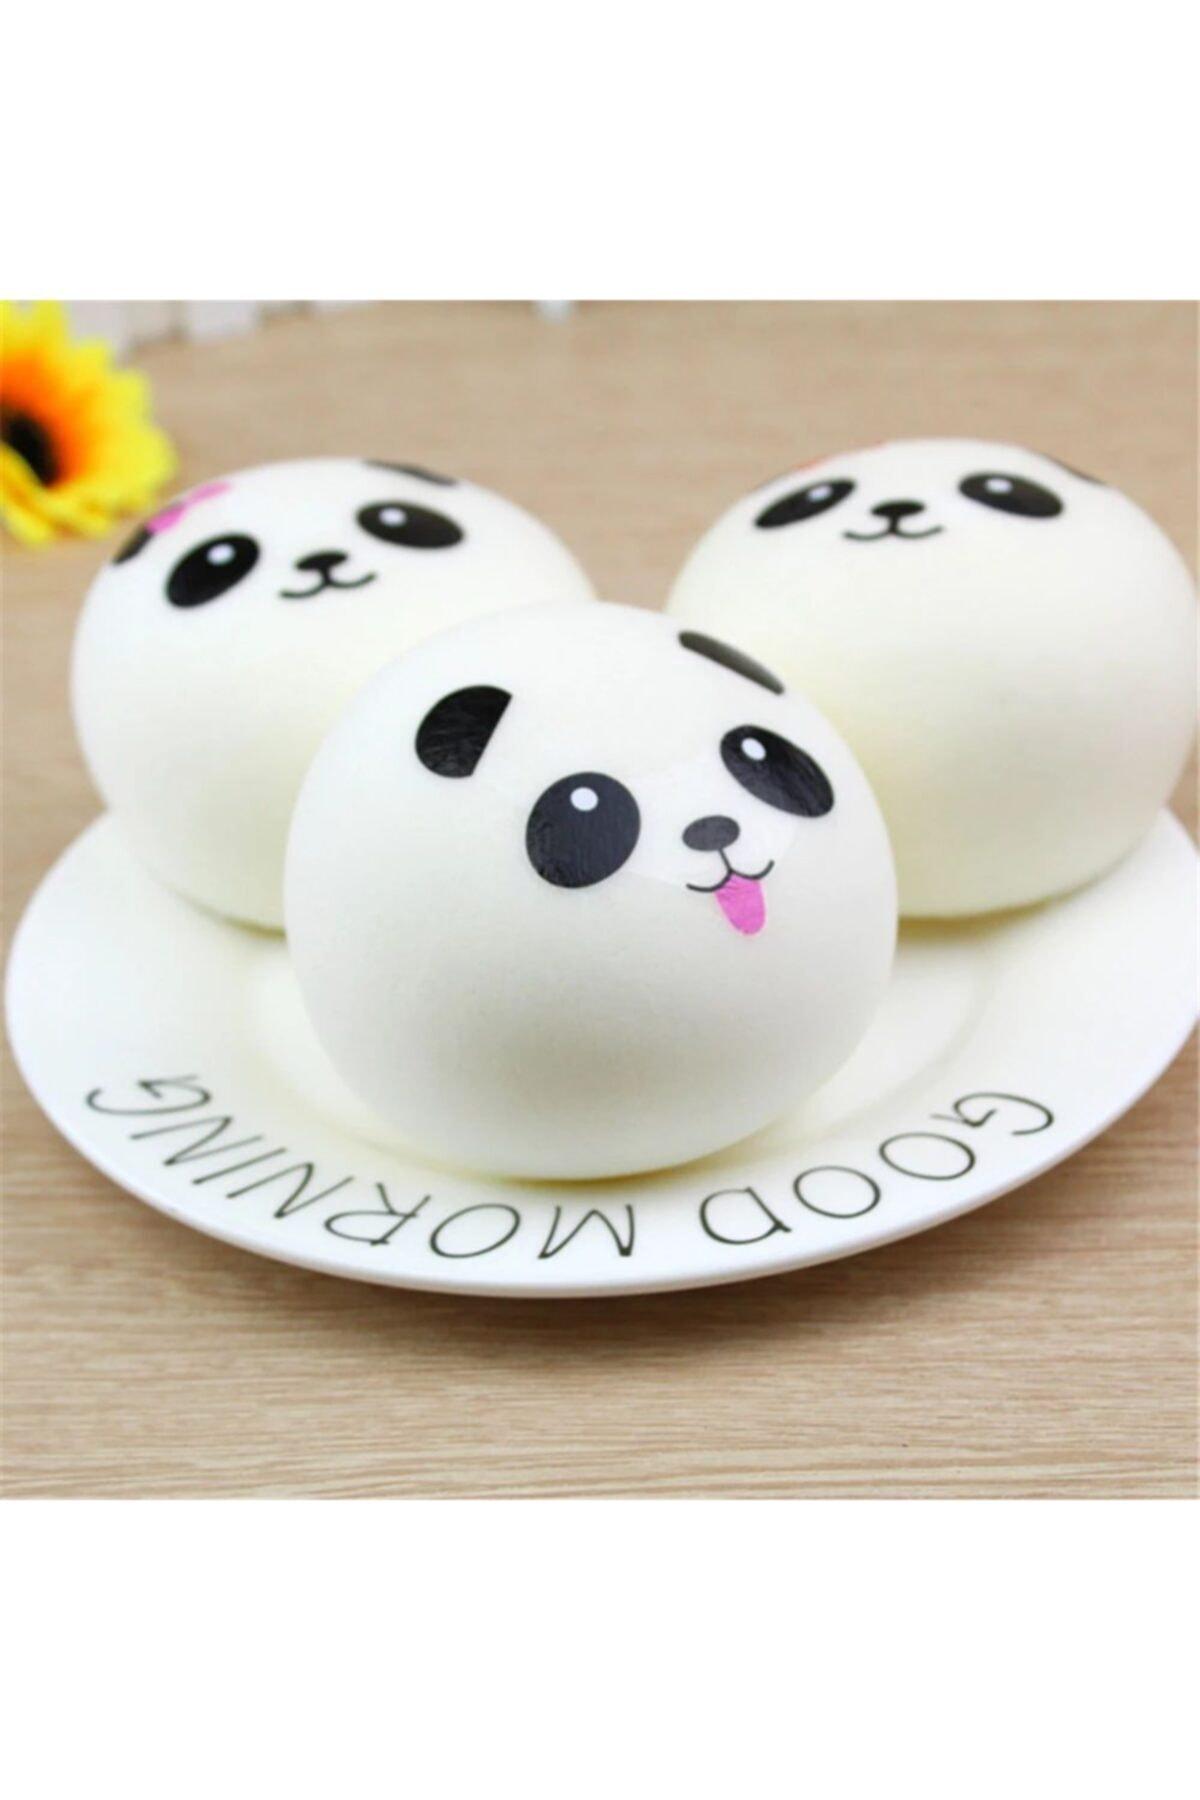 Squishy Midi Panda